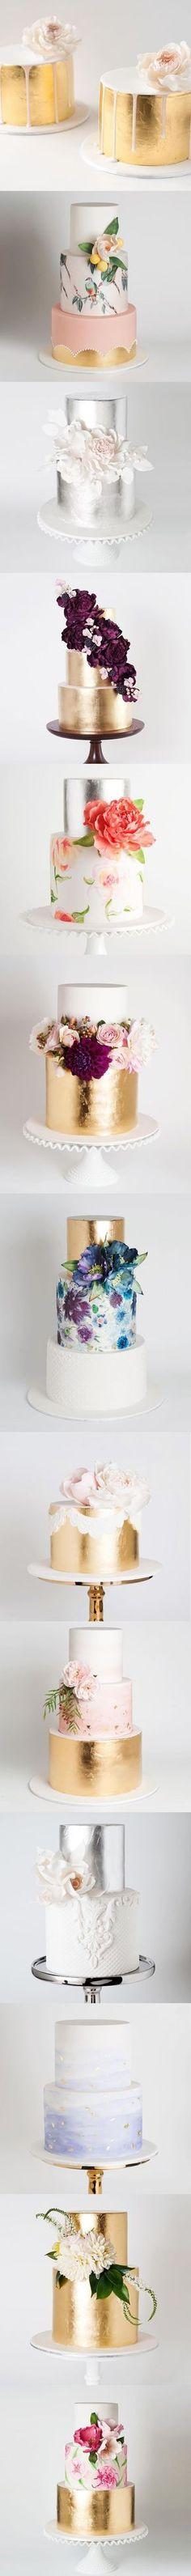 Tartas y pasteles de boda en color oro, y flores, diseños 2016. metallic cakes - my kind of wedding cakes! Bring on the gold :)